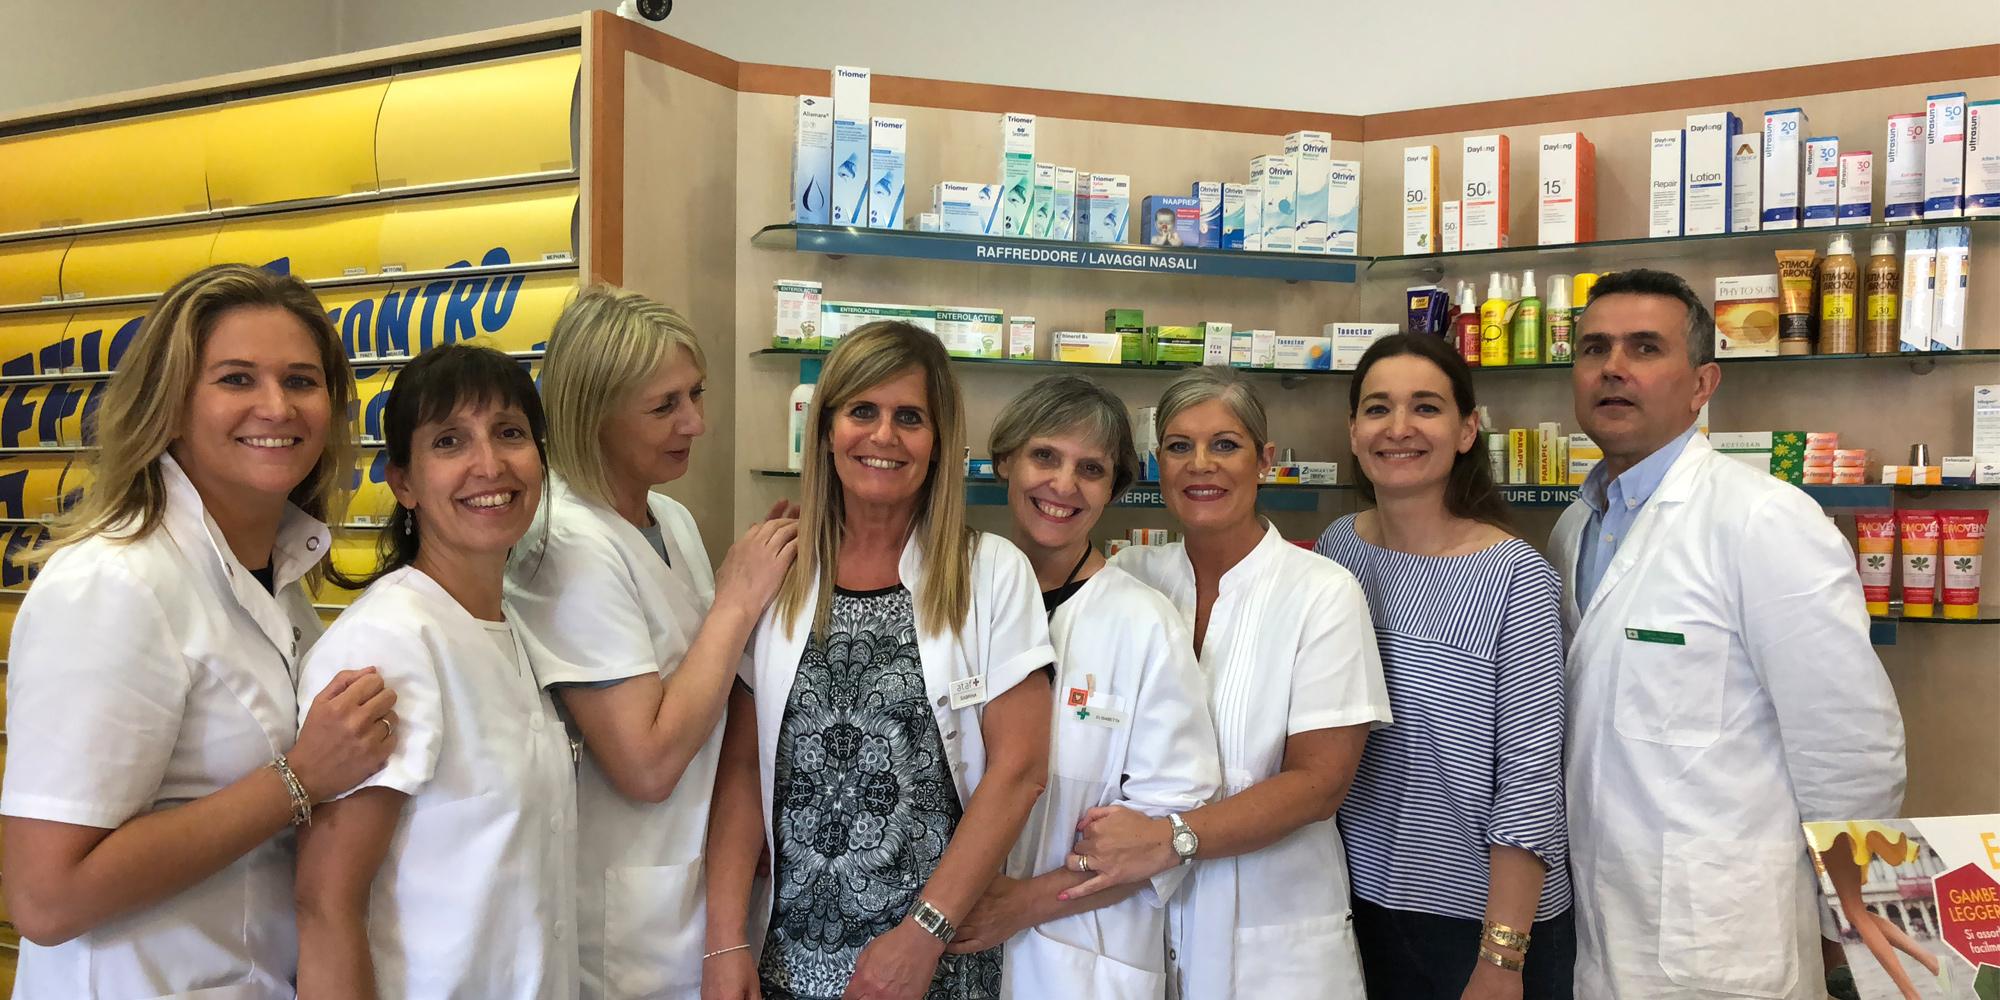 Lo staff della farmacia Liver